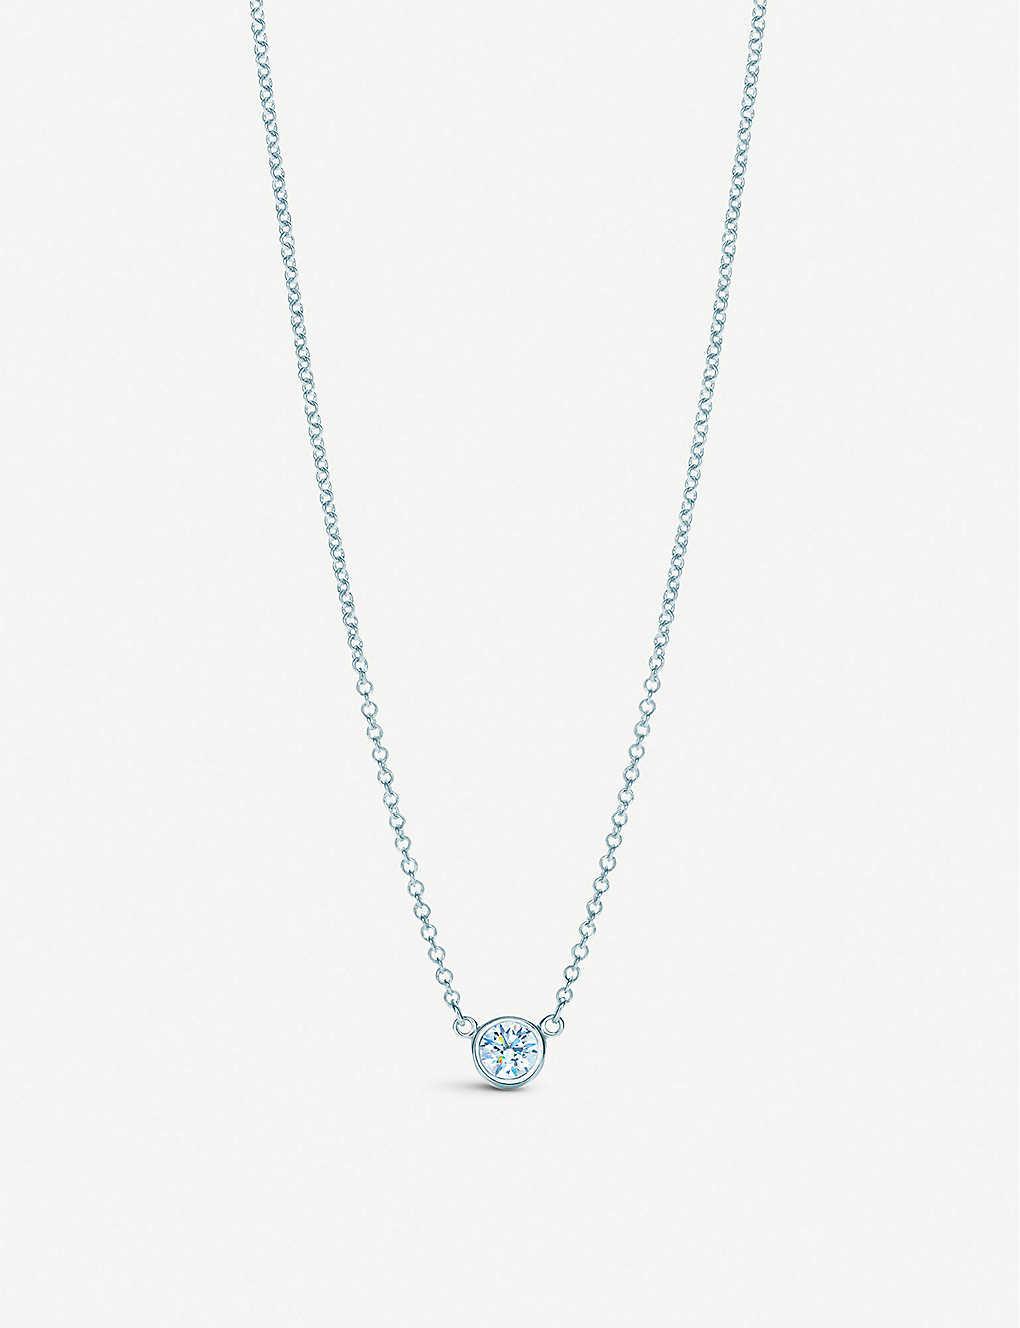 f3e410fd0 TIFFANY & CO - Elsa Peretti® Diamonds by the Yard® pendant in ...